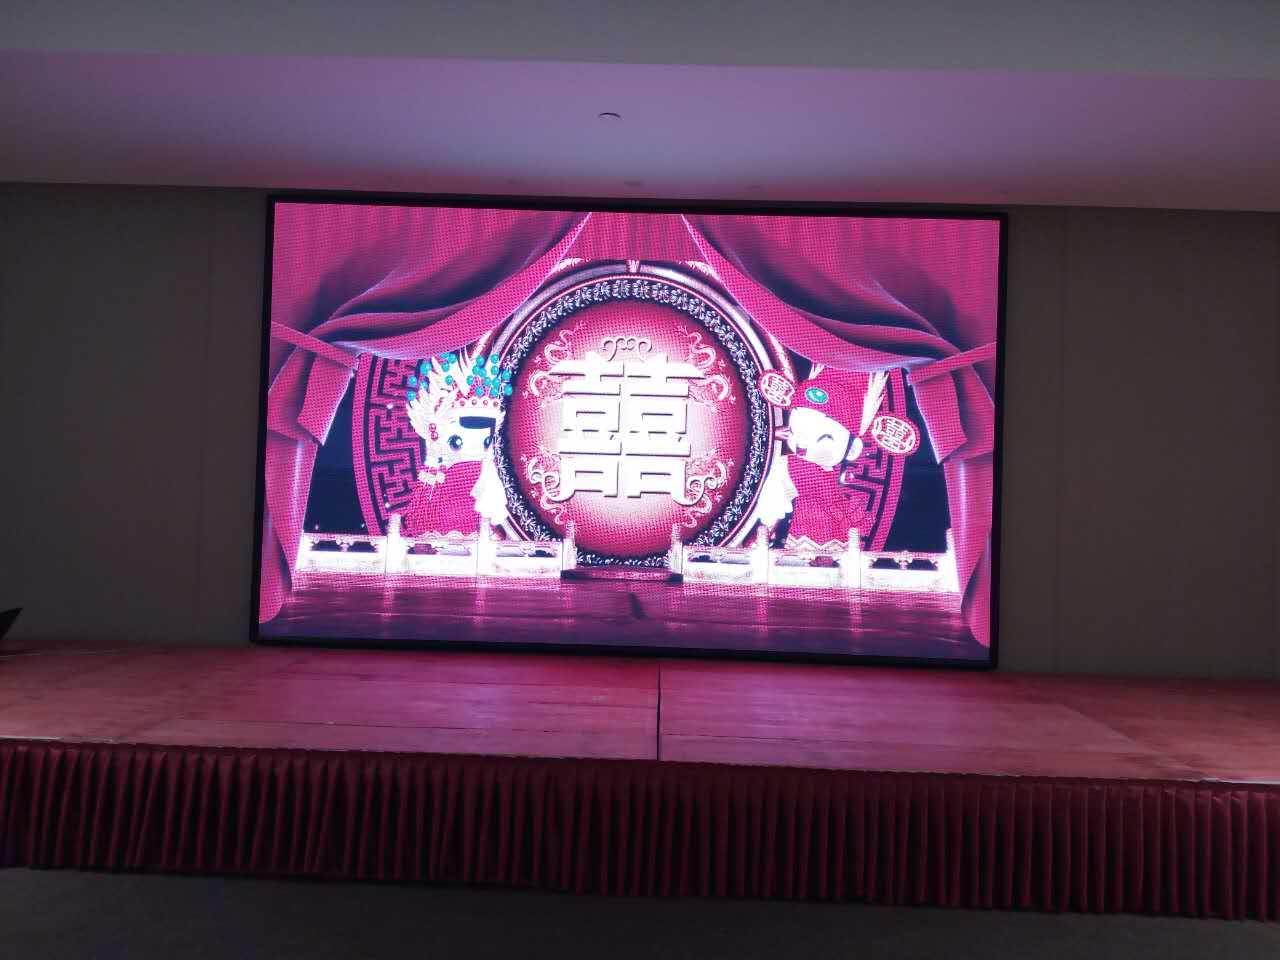 芜湖全彩LED显示屏厂家供应 服务为先 合肥龙发智能科技供应